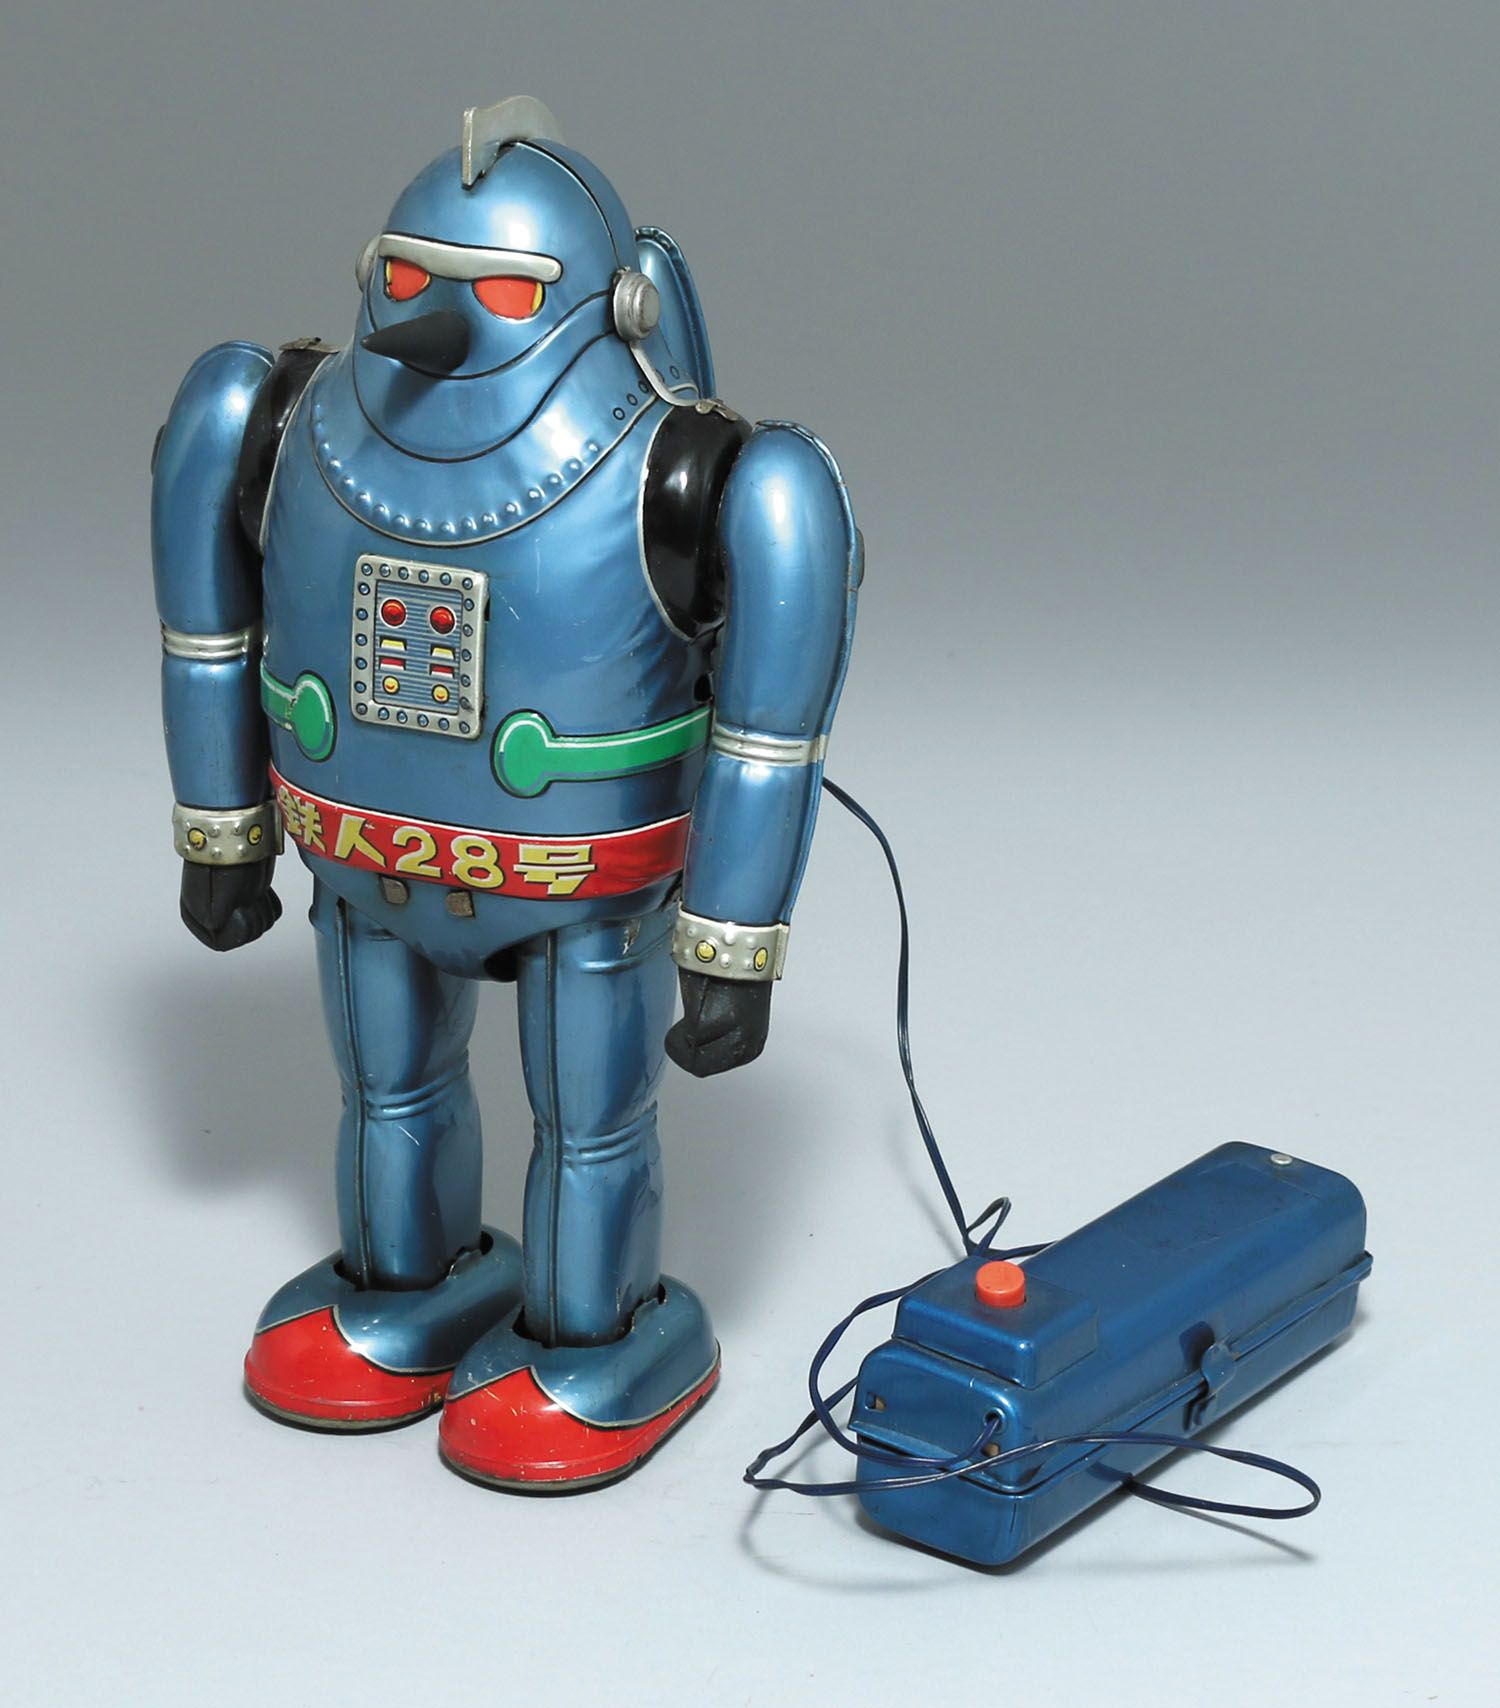 ノムラトーイ 鉄人28号電動リモートコントロールno 5 ヴィンテージのロボット 鉄人 レトロなおもちゃ